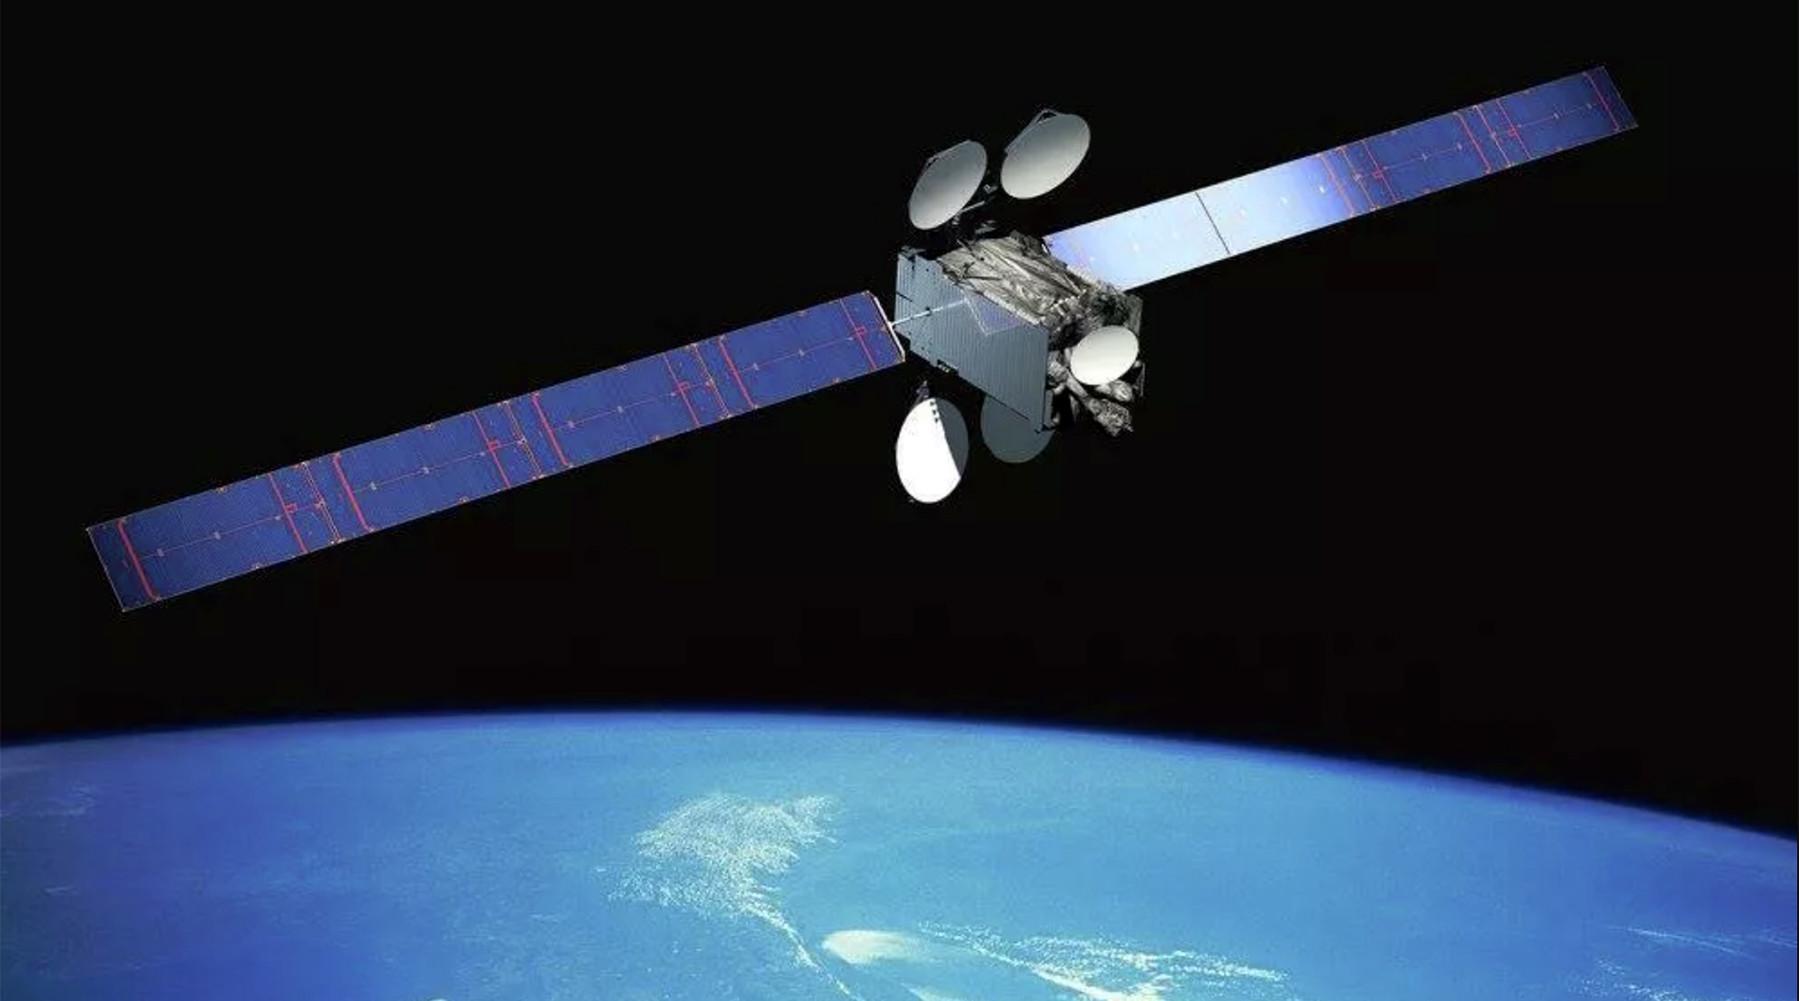 «Спекуляции американского истеблишмента»: как США пытаются добиться военного превосходства в космосе